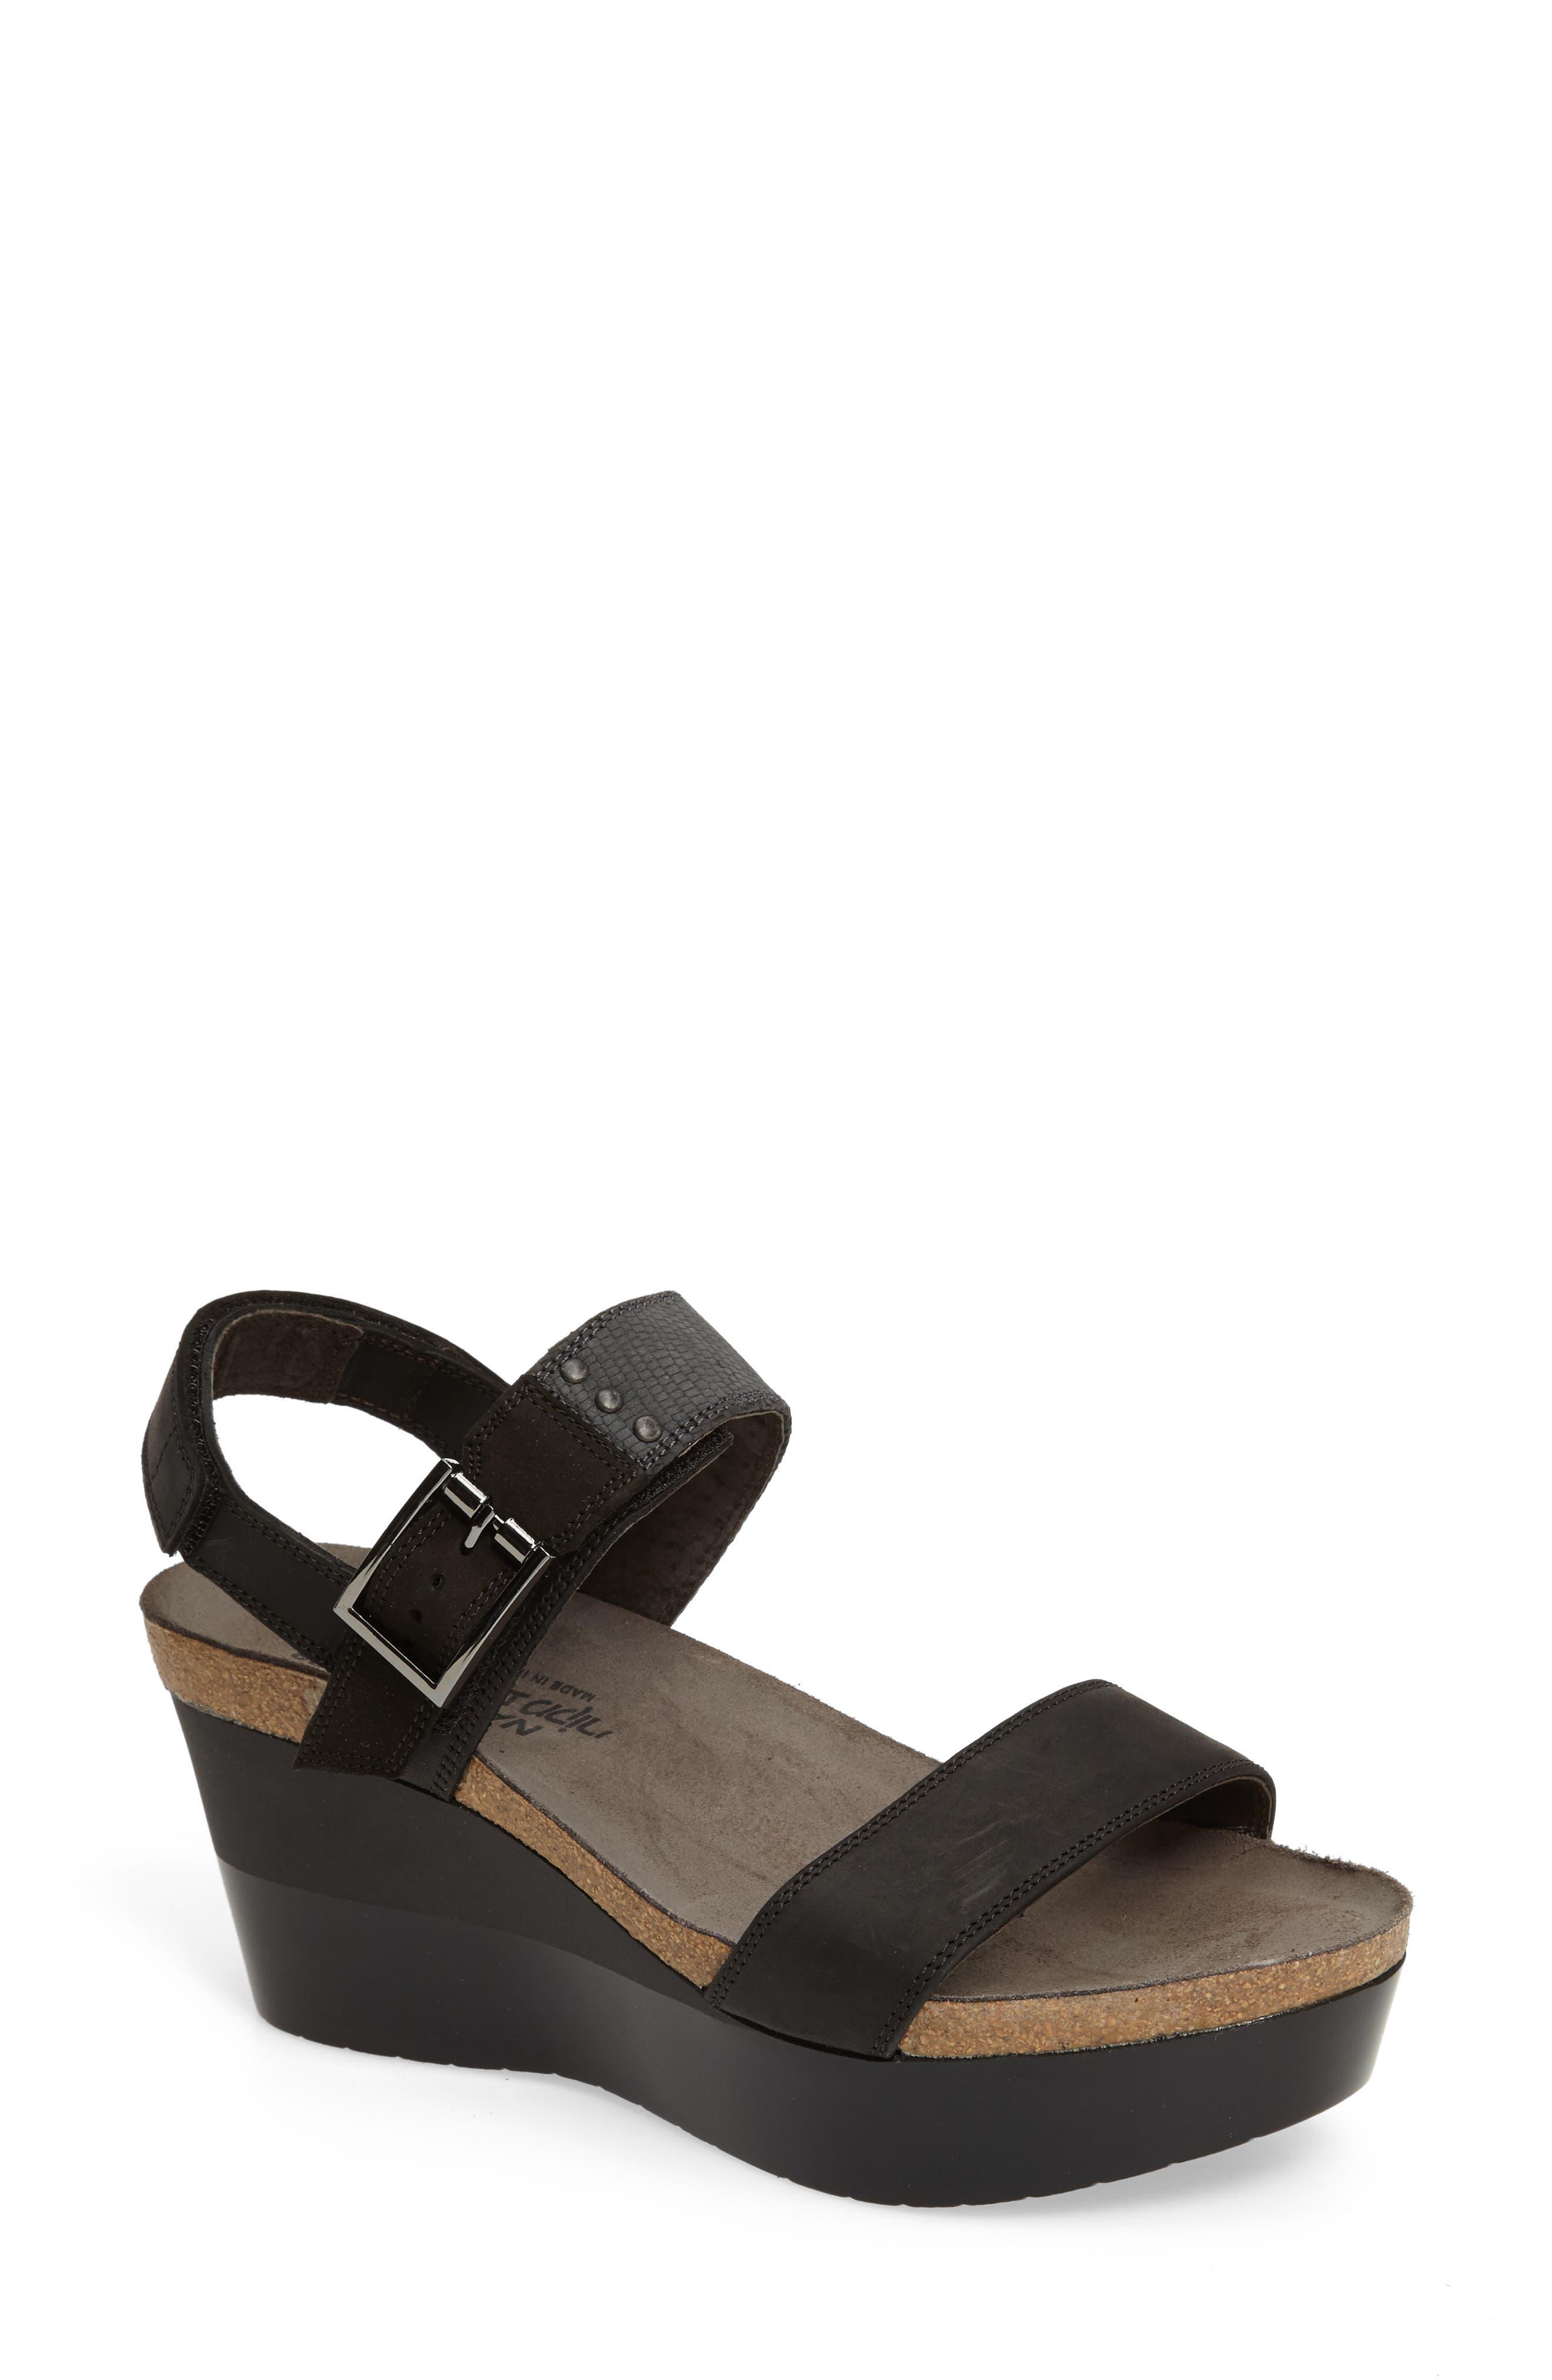 Alpha Platform Wedge Sandal Sandal,                         Main,                         color, 020